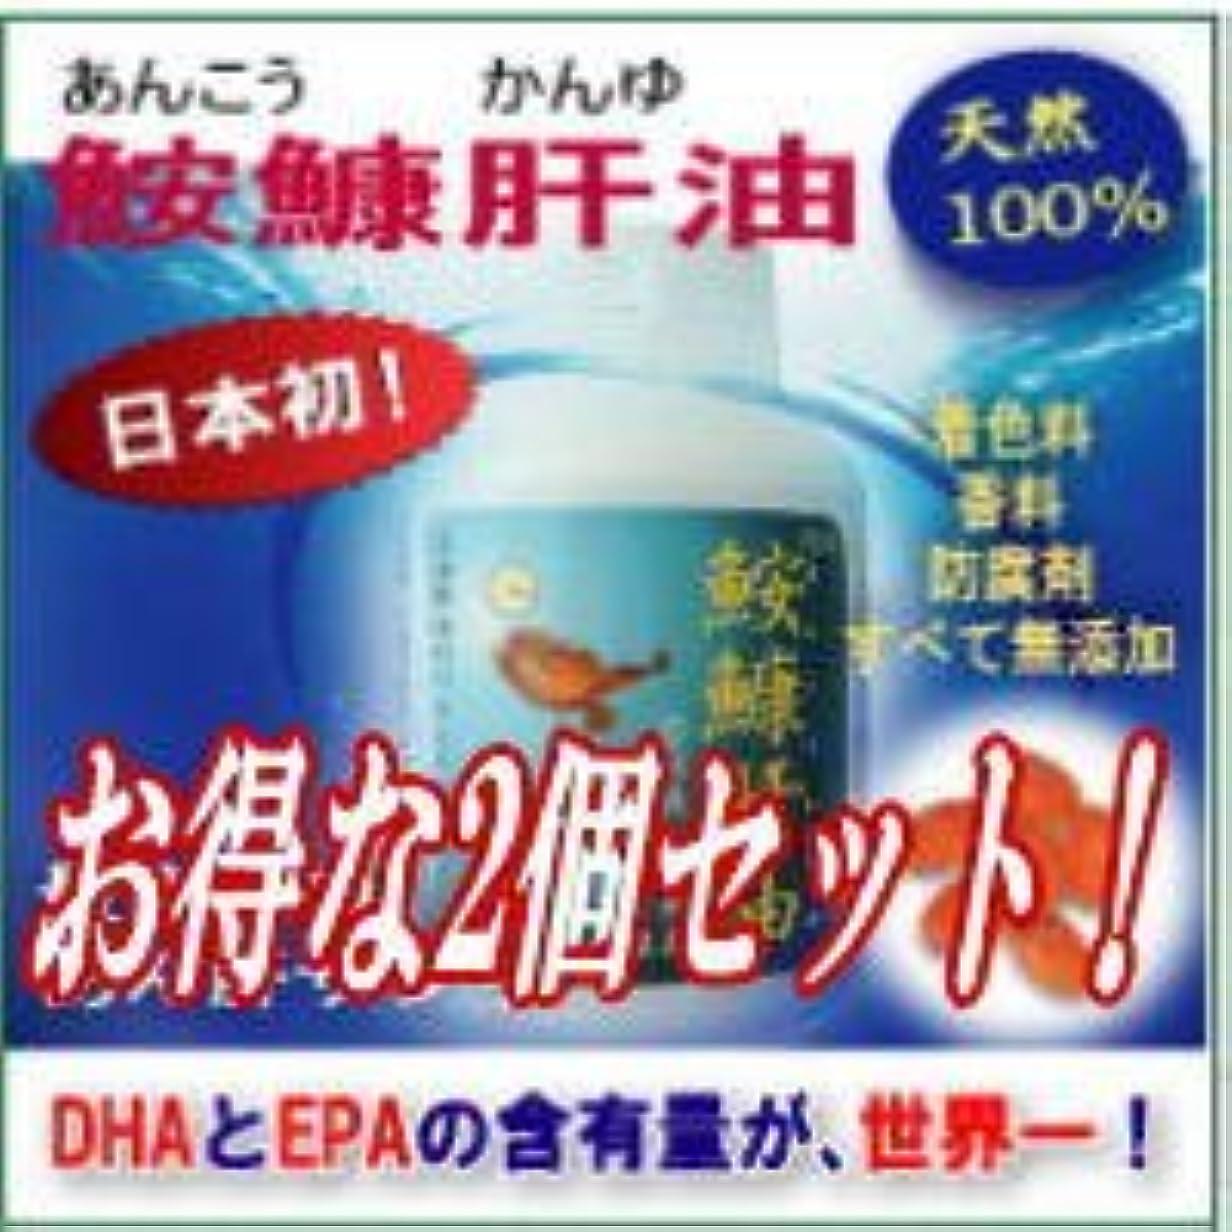 用心する大使インシデント【 鮟鱇肝油(あんこうかんゆ) お得な2個セット 】あん肝は栄養の宝庫です!DHA?EPAの含有量は他の動植物の中で世界一!